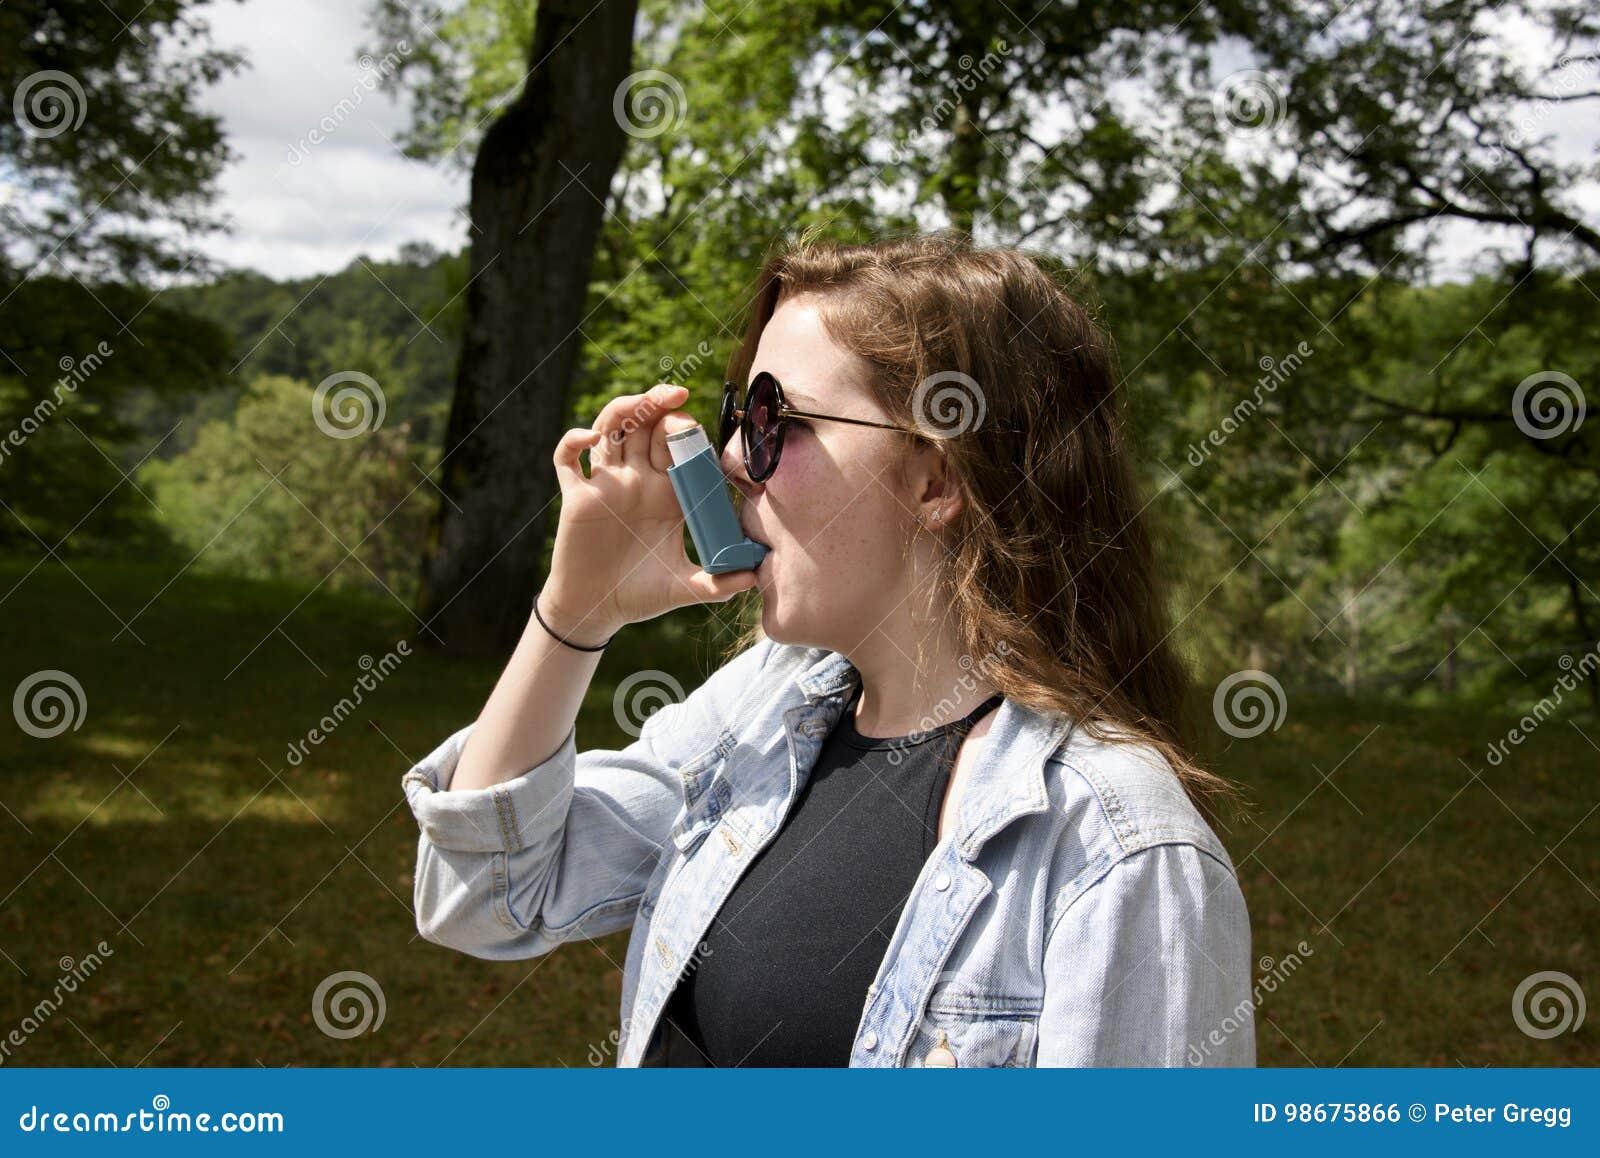 Teenage girl using inhaler landscape